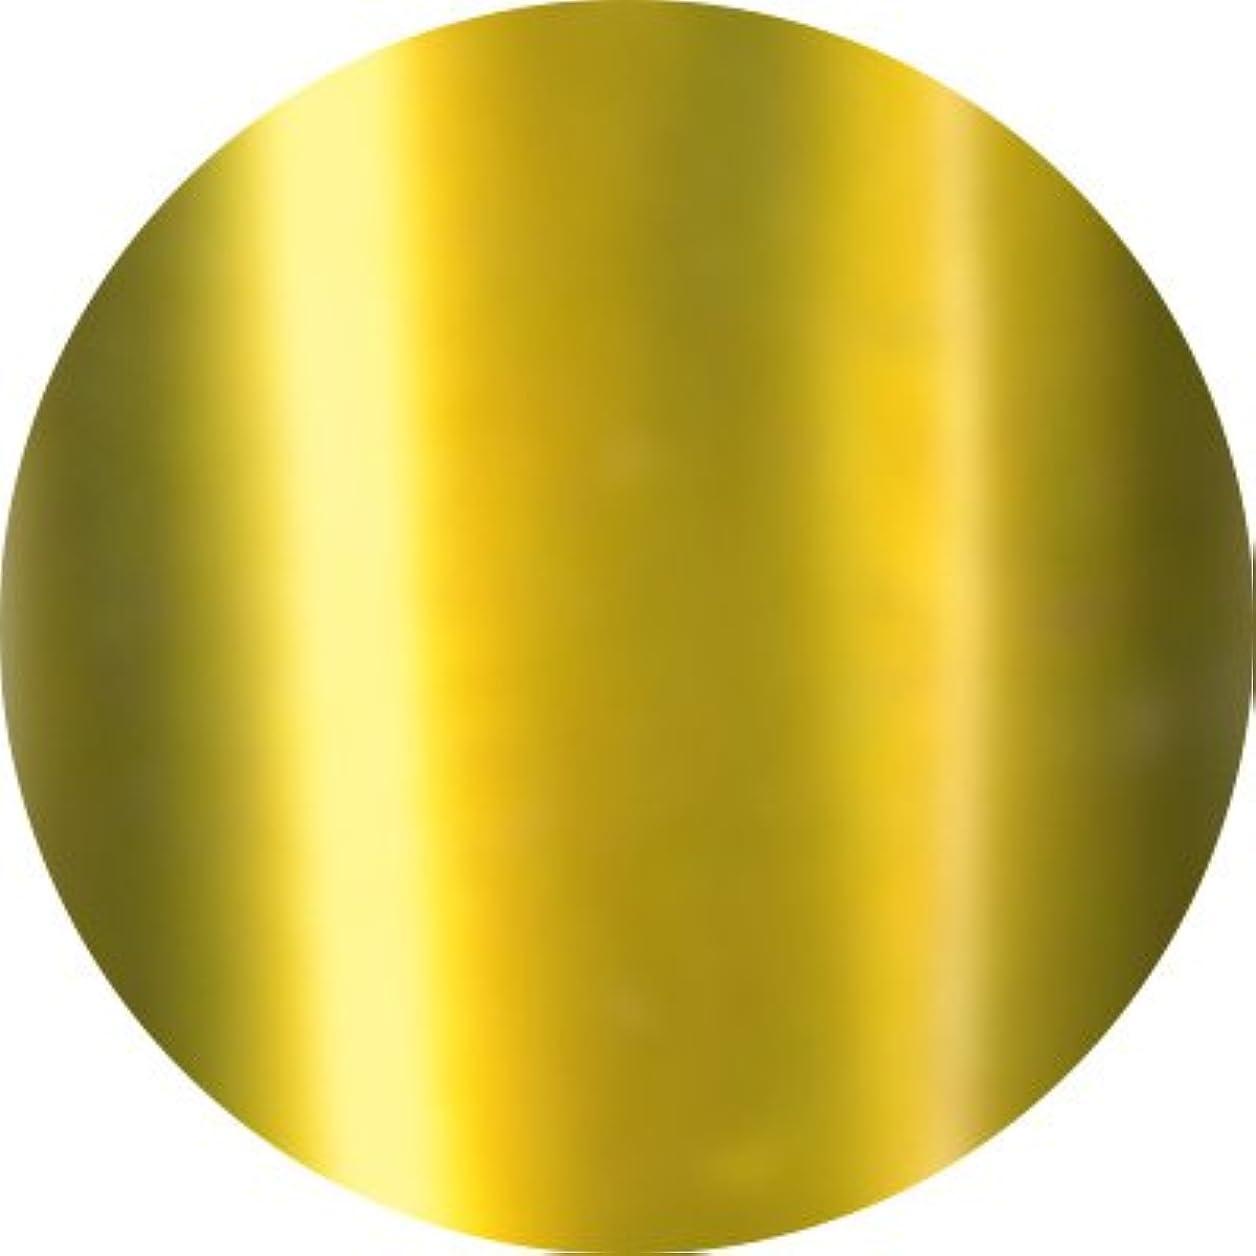 悲しいことに好ましいマリナーJewelry jel(ジュエリージェル) カラージェル 5ml<BR>ピッカピカメタリック MKゴールド